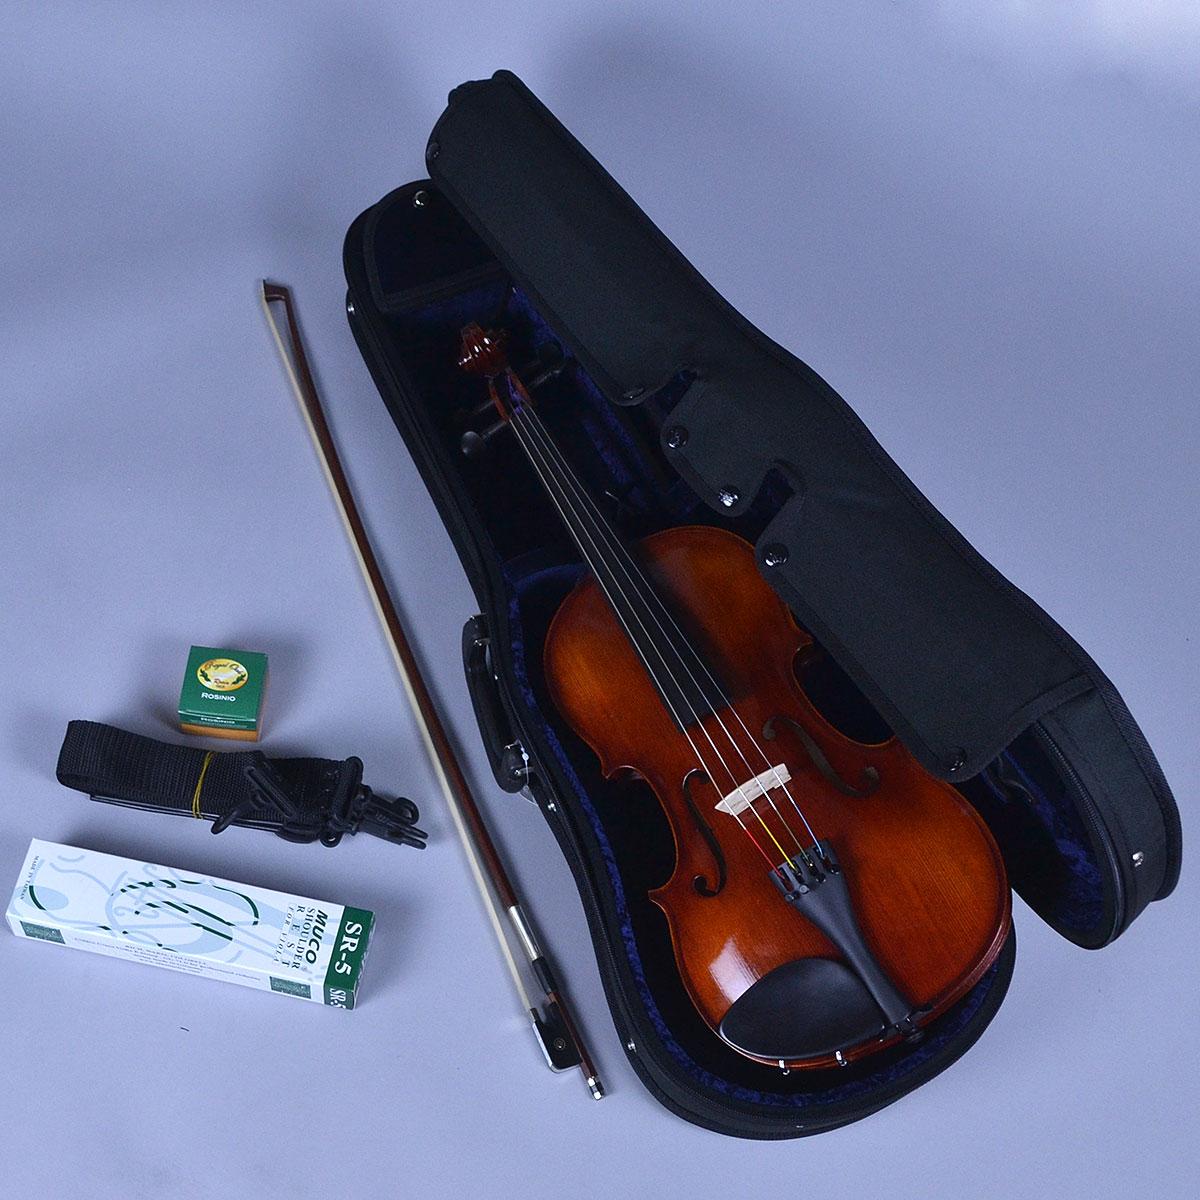 弦楽器, ビオラ ARS MUSIC 028AS 39.5 ARS 028AS Strad 39.5cm